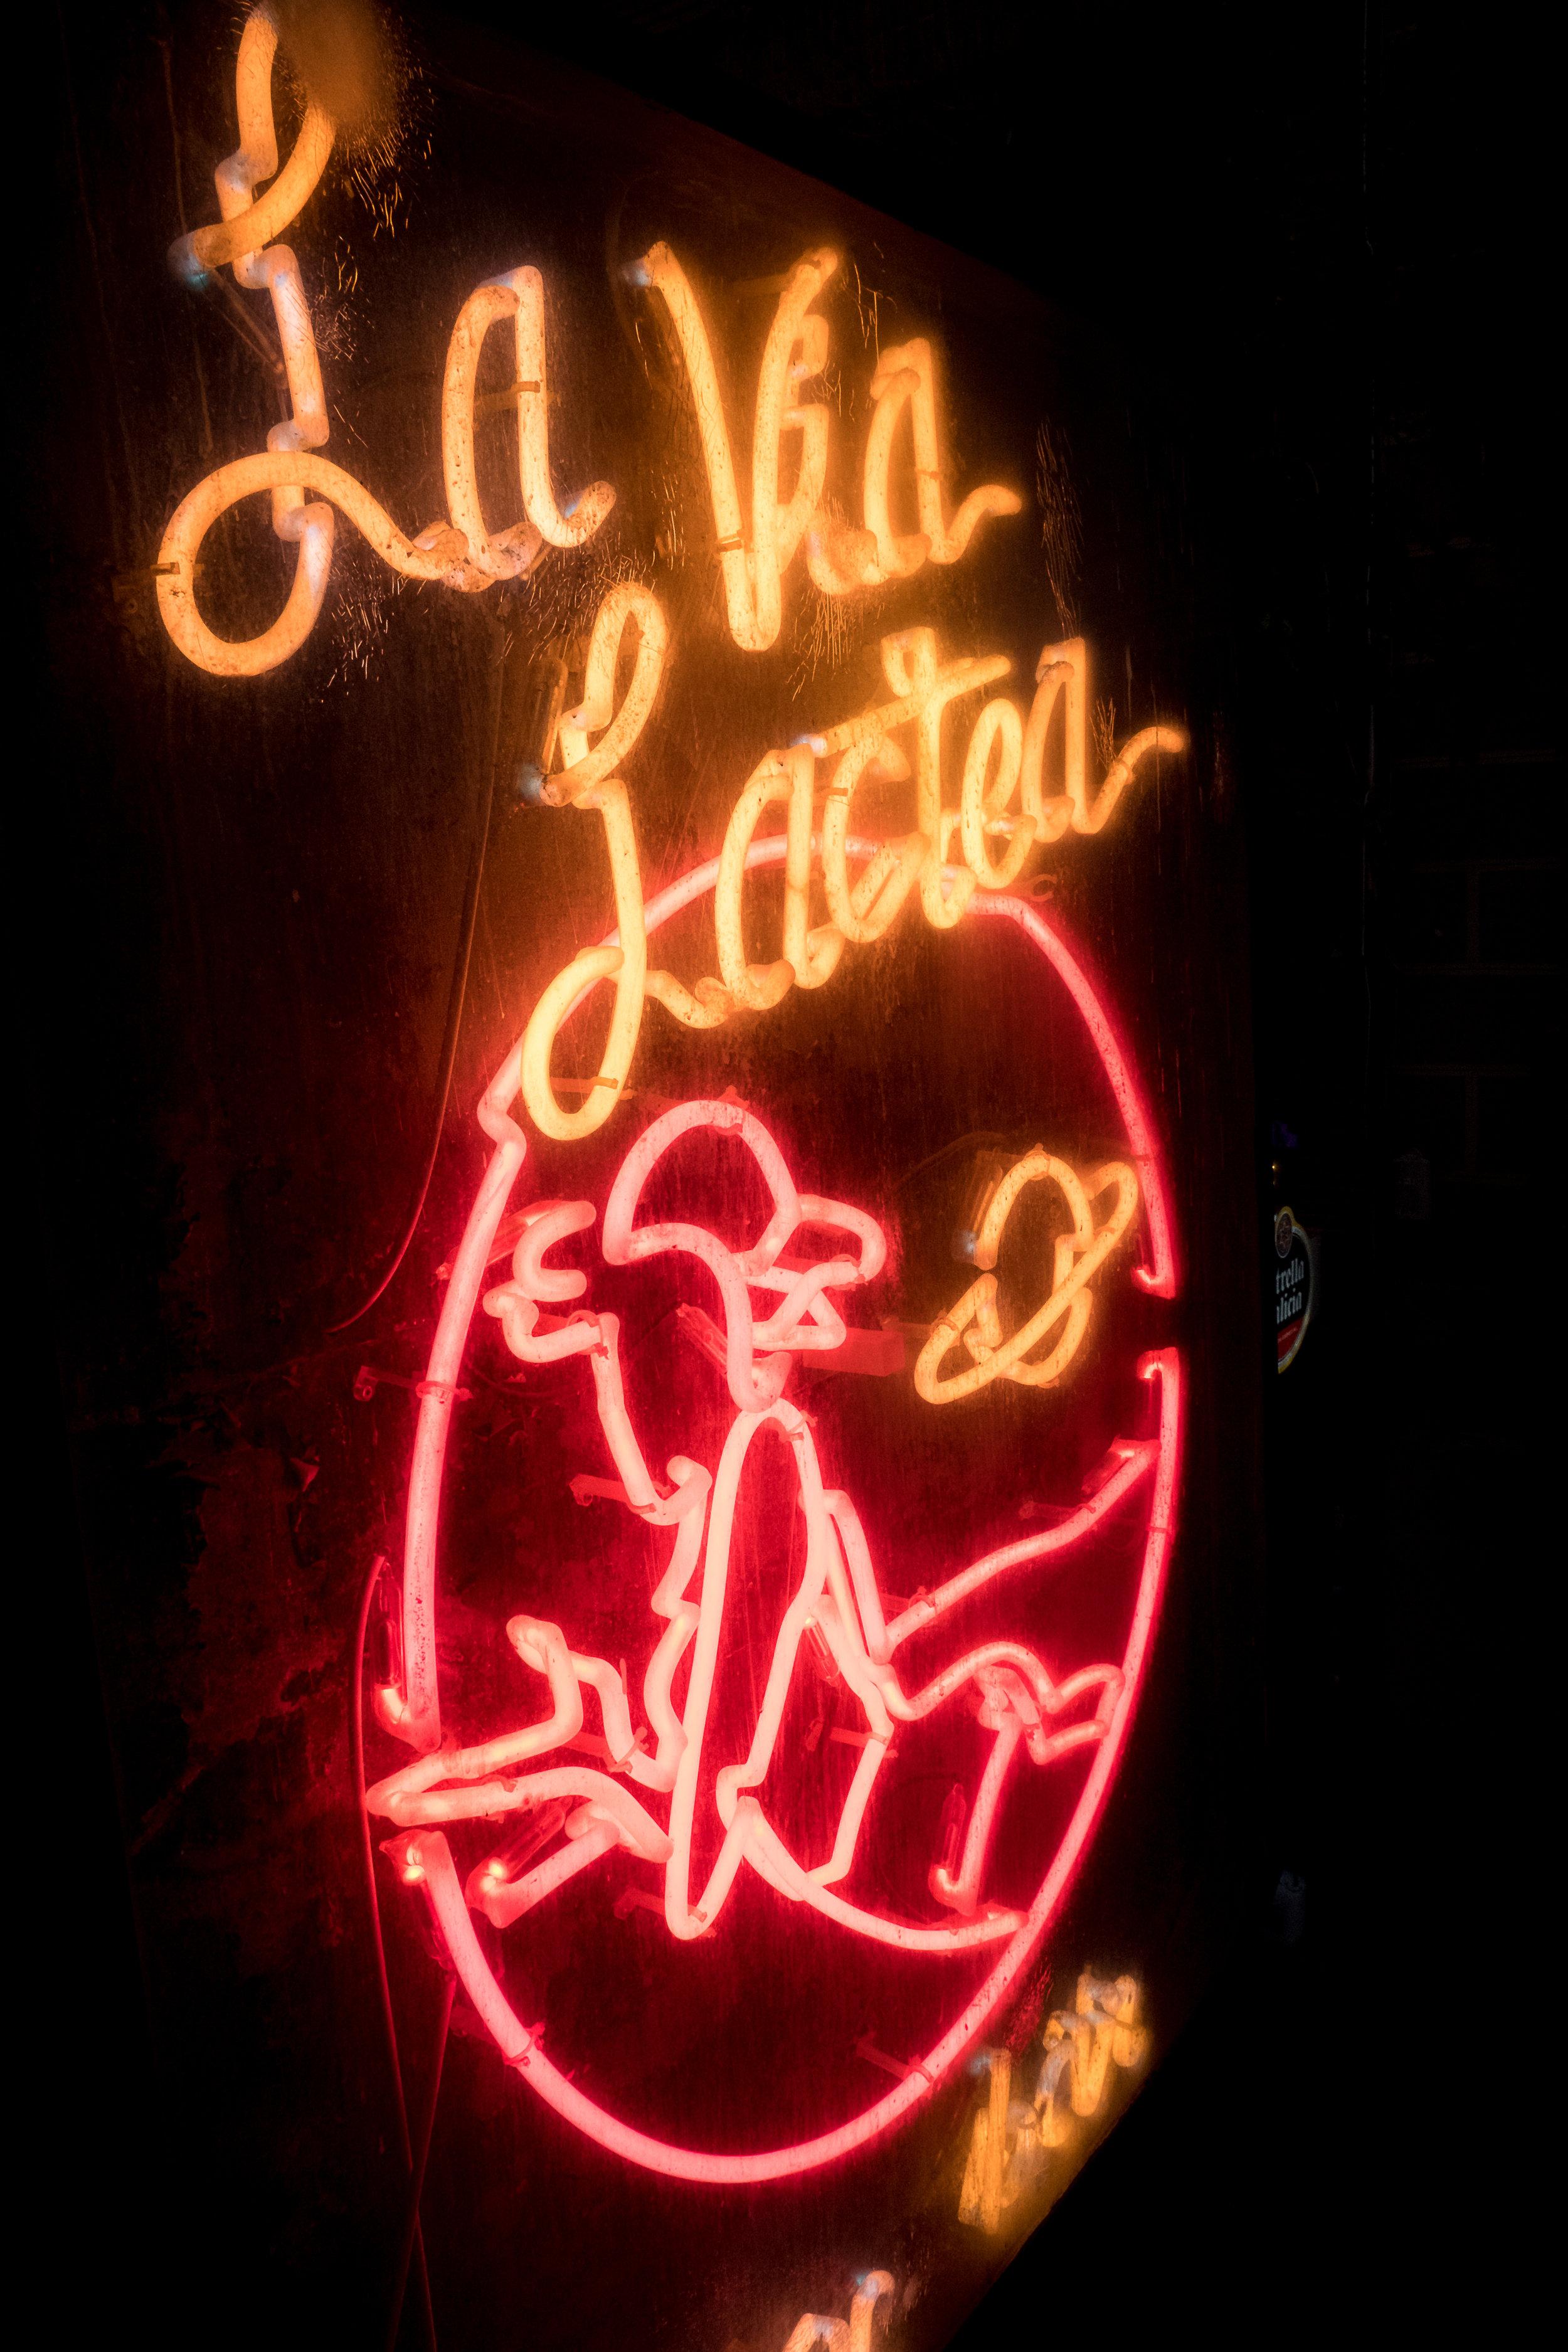 neon sign outside of bar La Vía Láctea